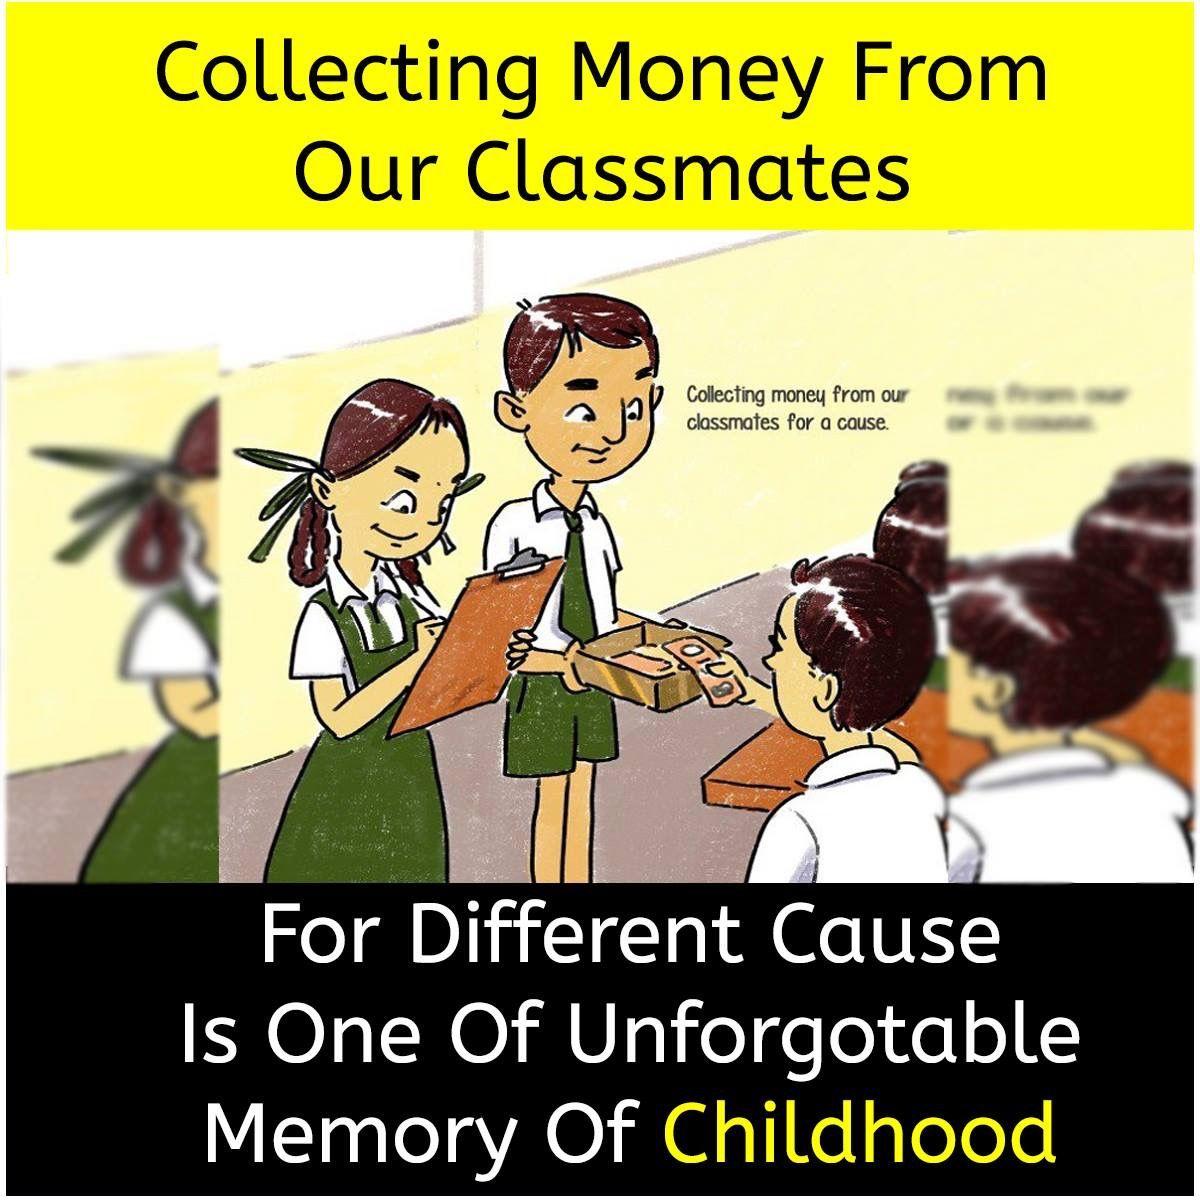 Ye Toh Abhibhi Clg Me Chal Raha Hai Childhood Memories Quotes Memories Quotes Memories With Friends Quotes